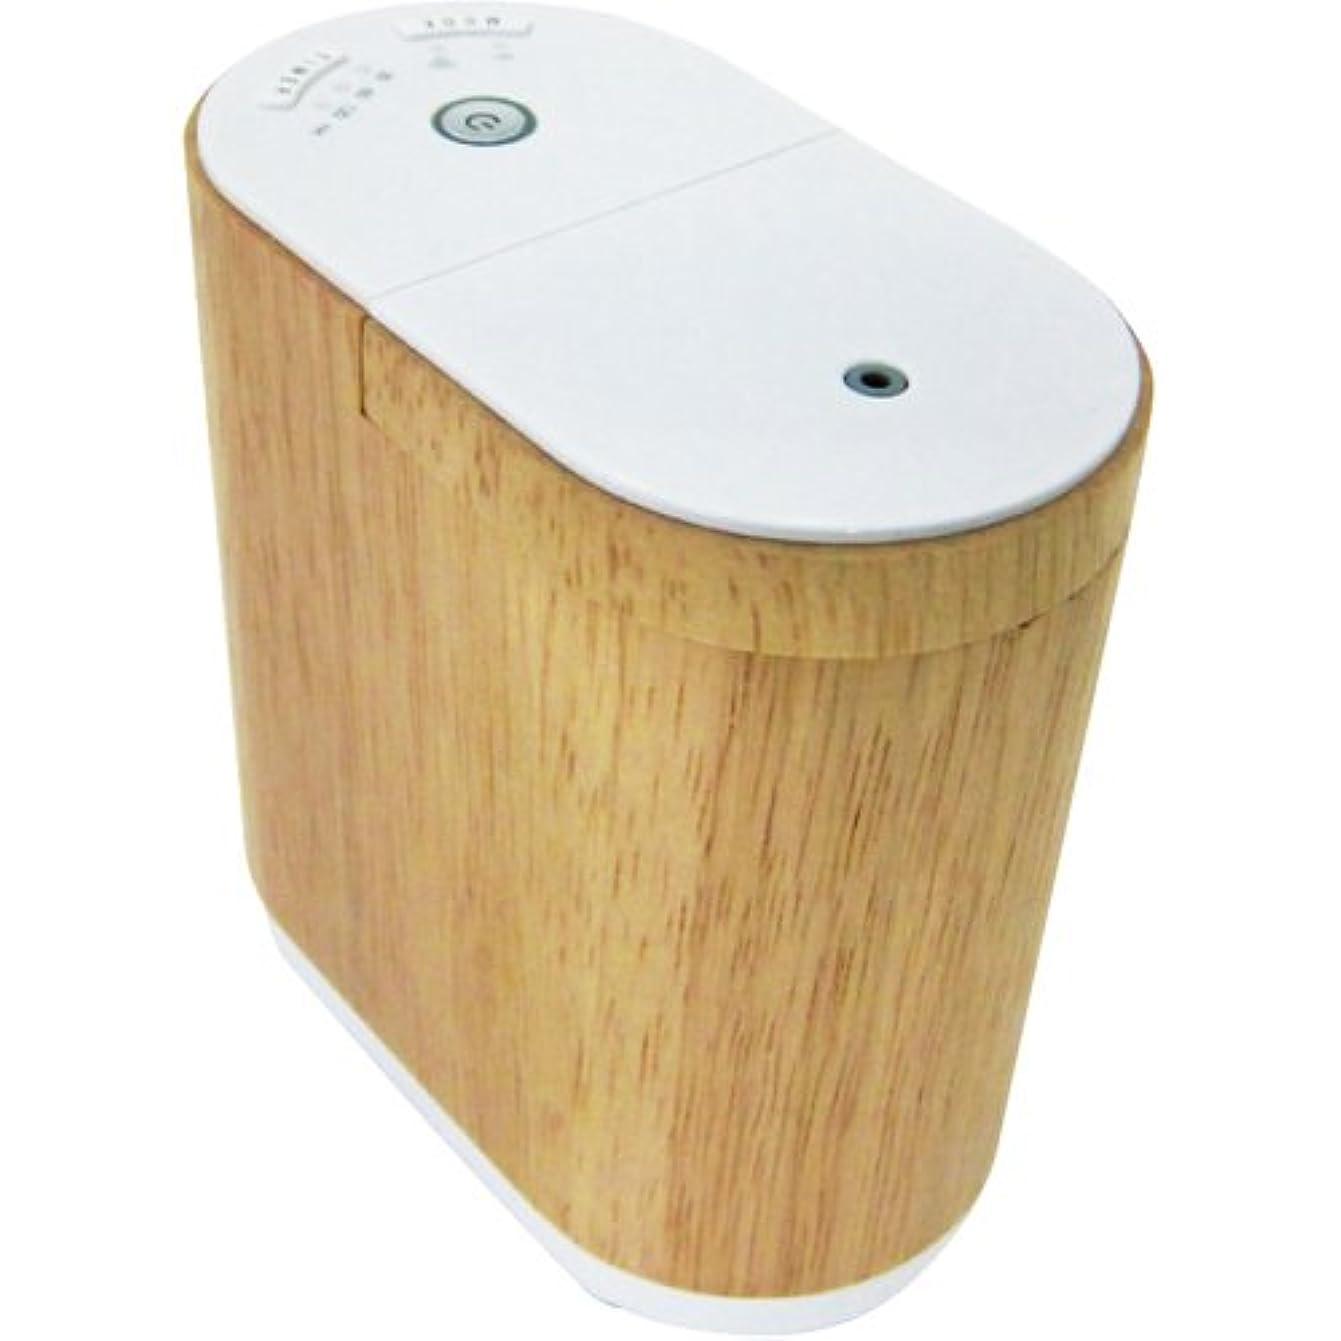 発信球体くすぐったい生活の木 アロマディフューザー(ウッド)エッセンシャルオイルディフューザー aromore(アロモア) 08-801-6010